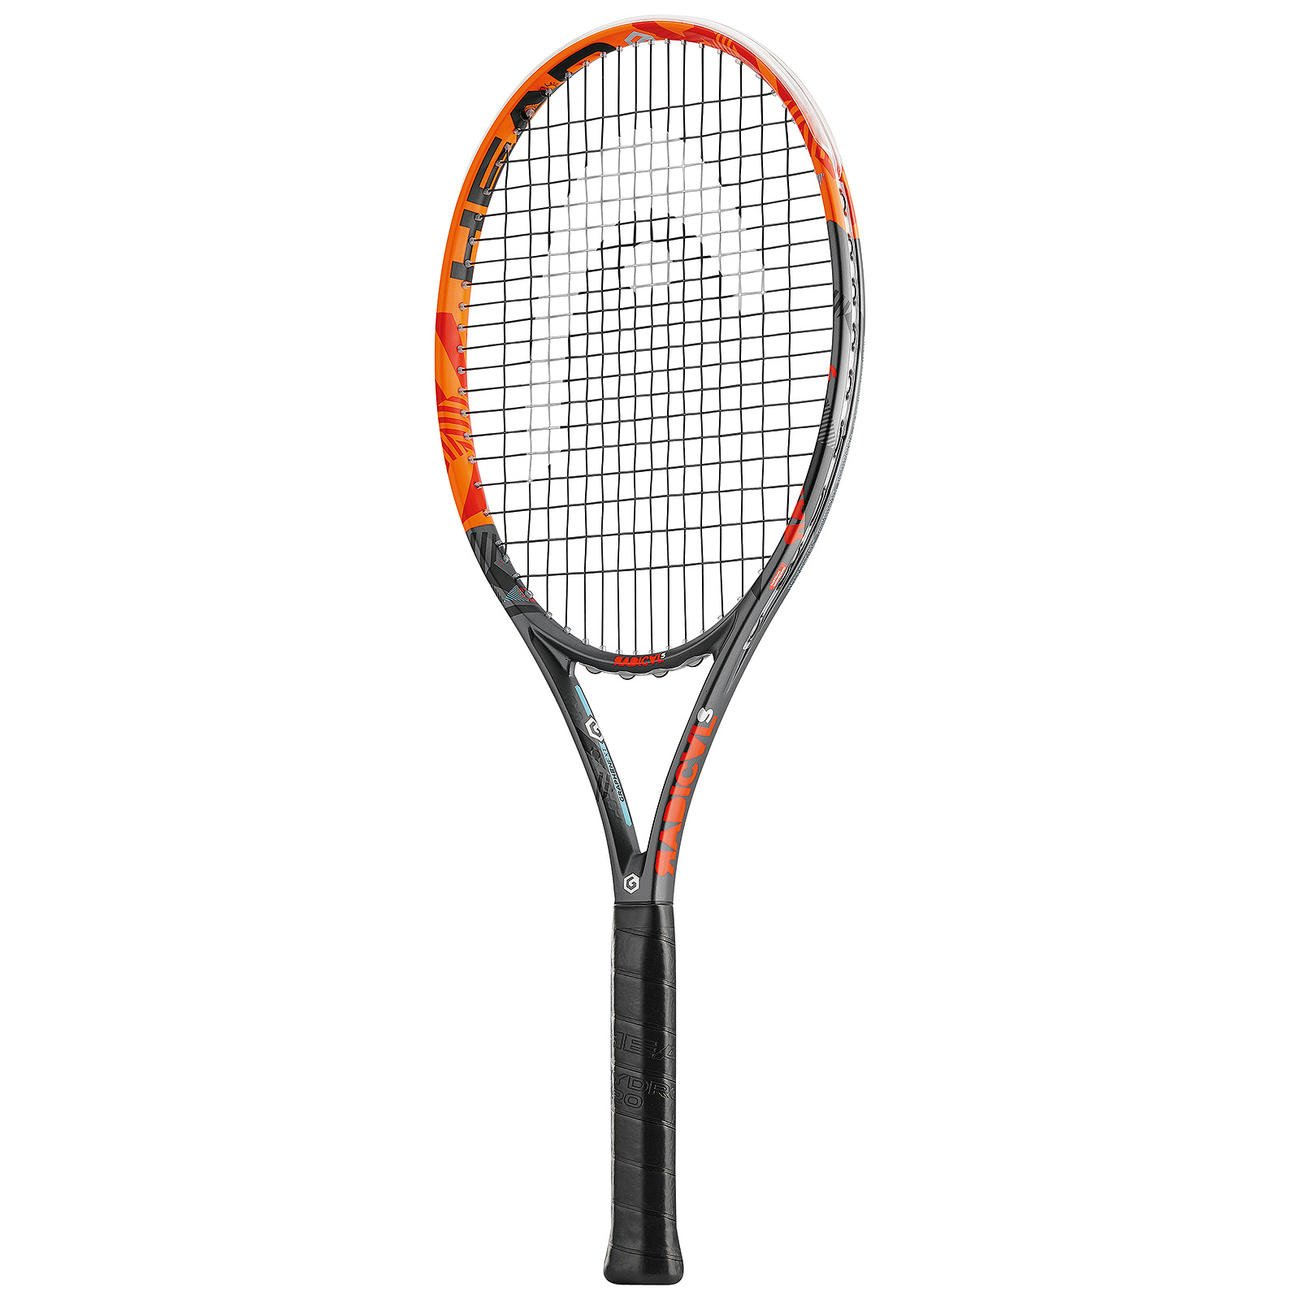 HEAD Graphene XT Radical S Tennis Racquet, Unstrung, 4 3/8 Inch Grip